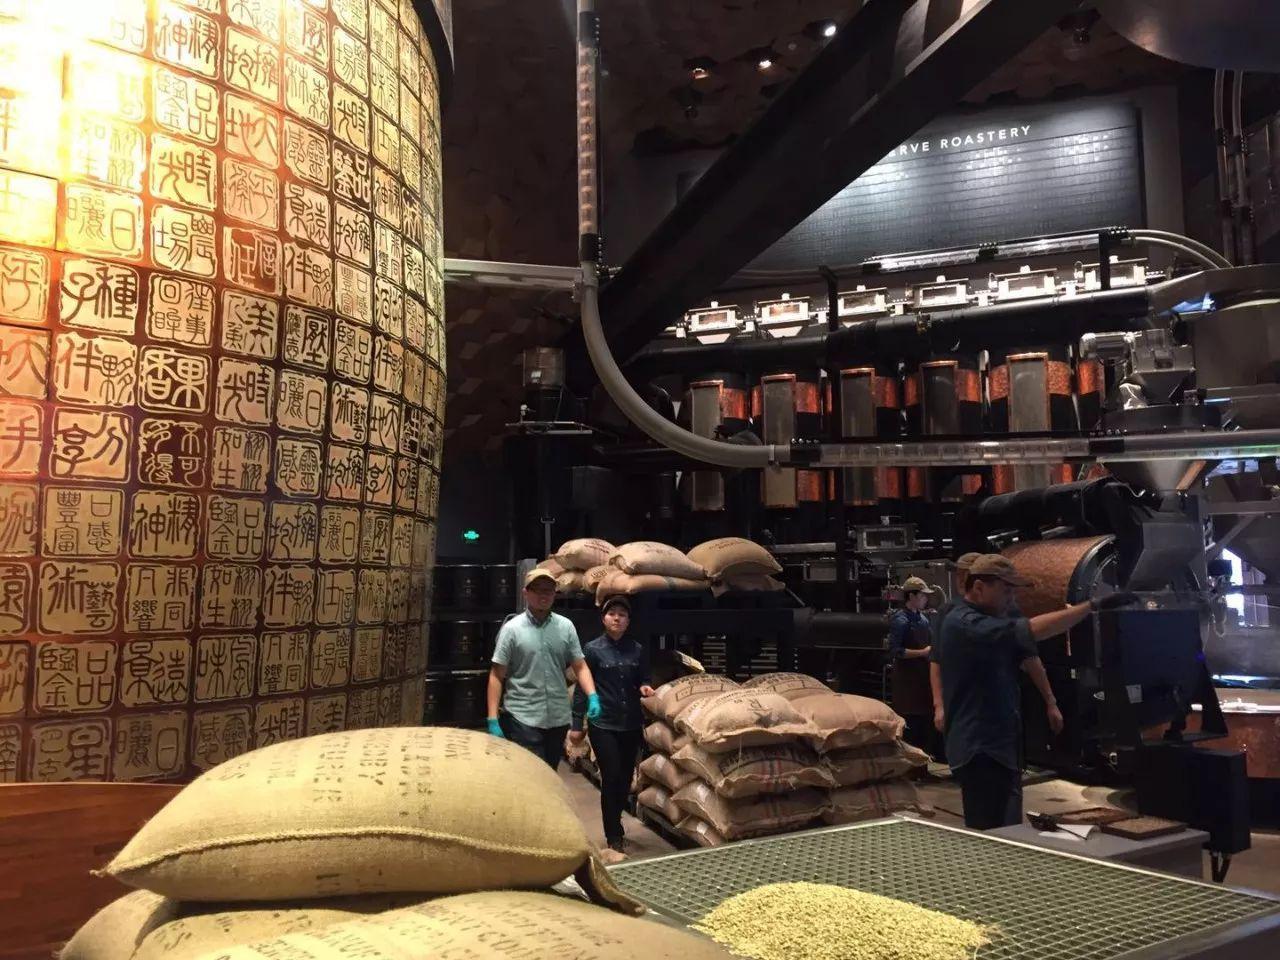 在上海喝杯咖啡竟然要排队2小时?某些国家的星巴克居然要买票才能进!